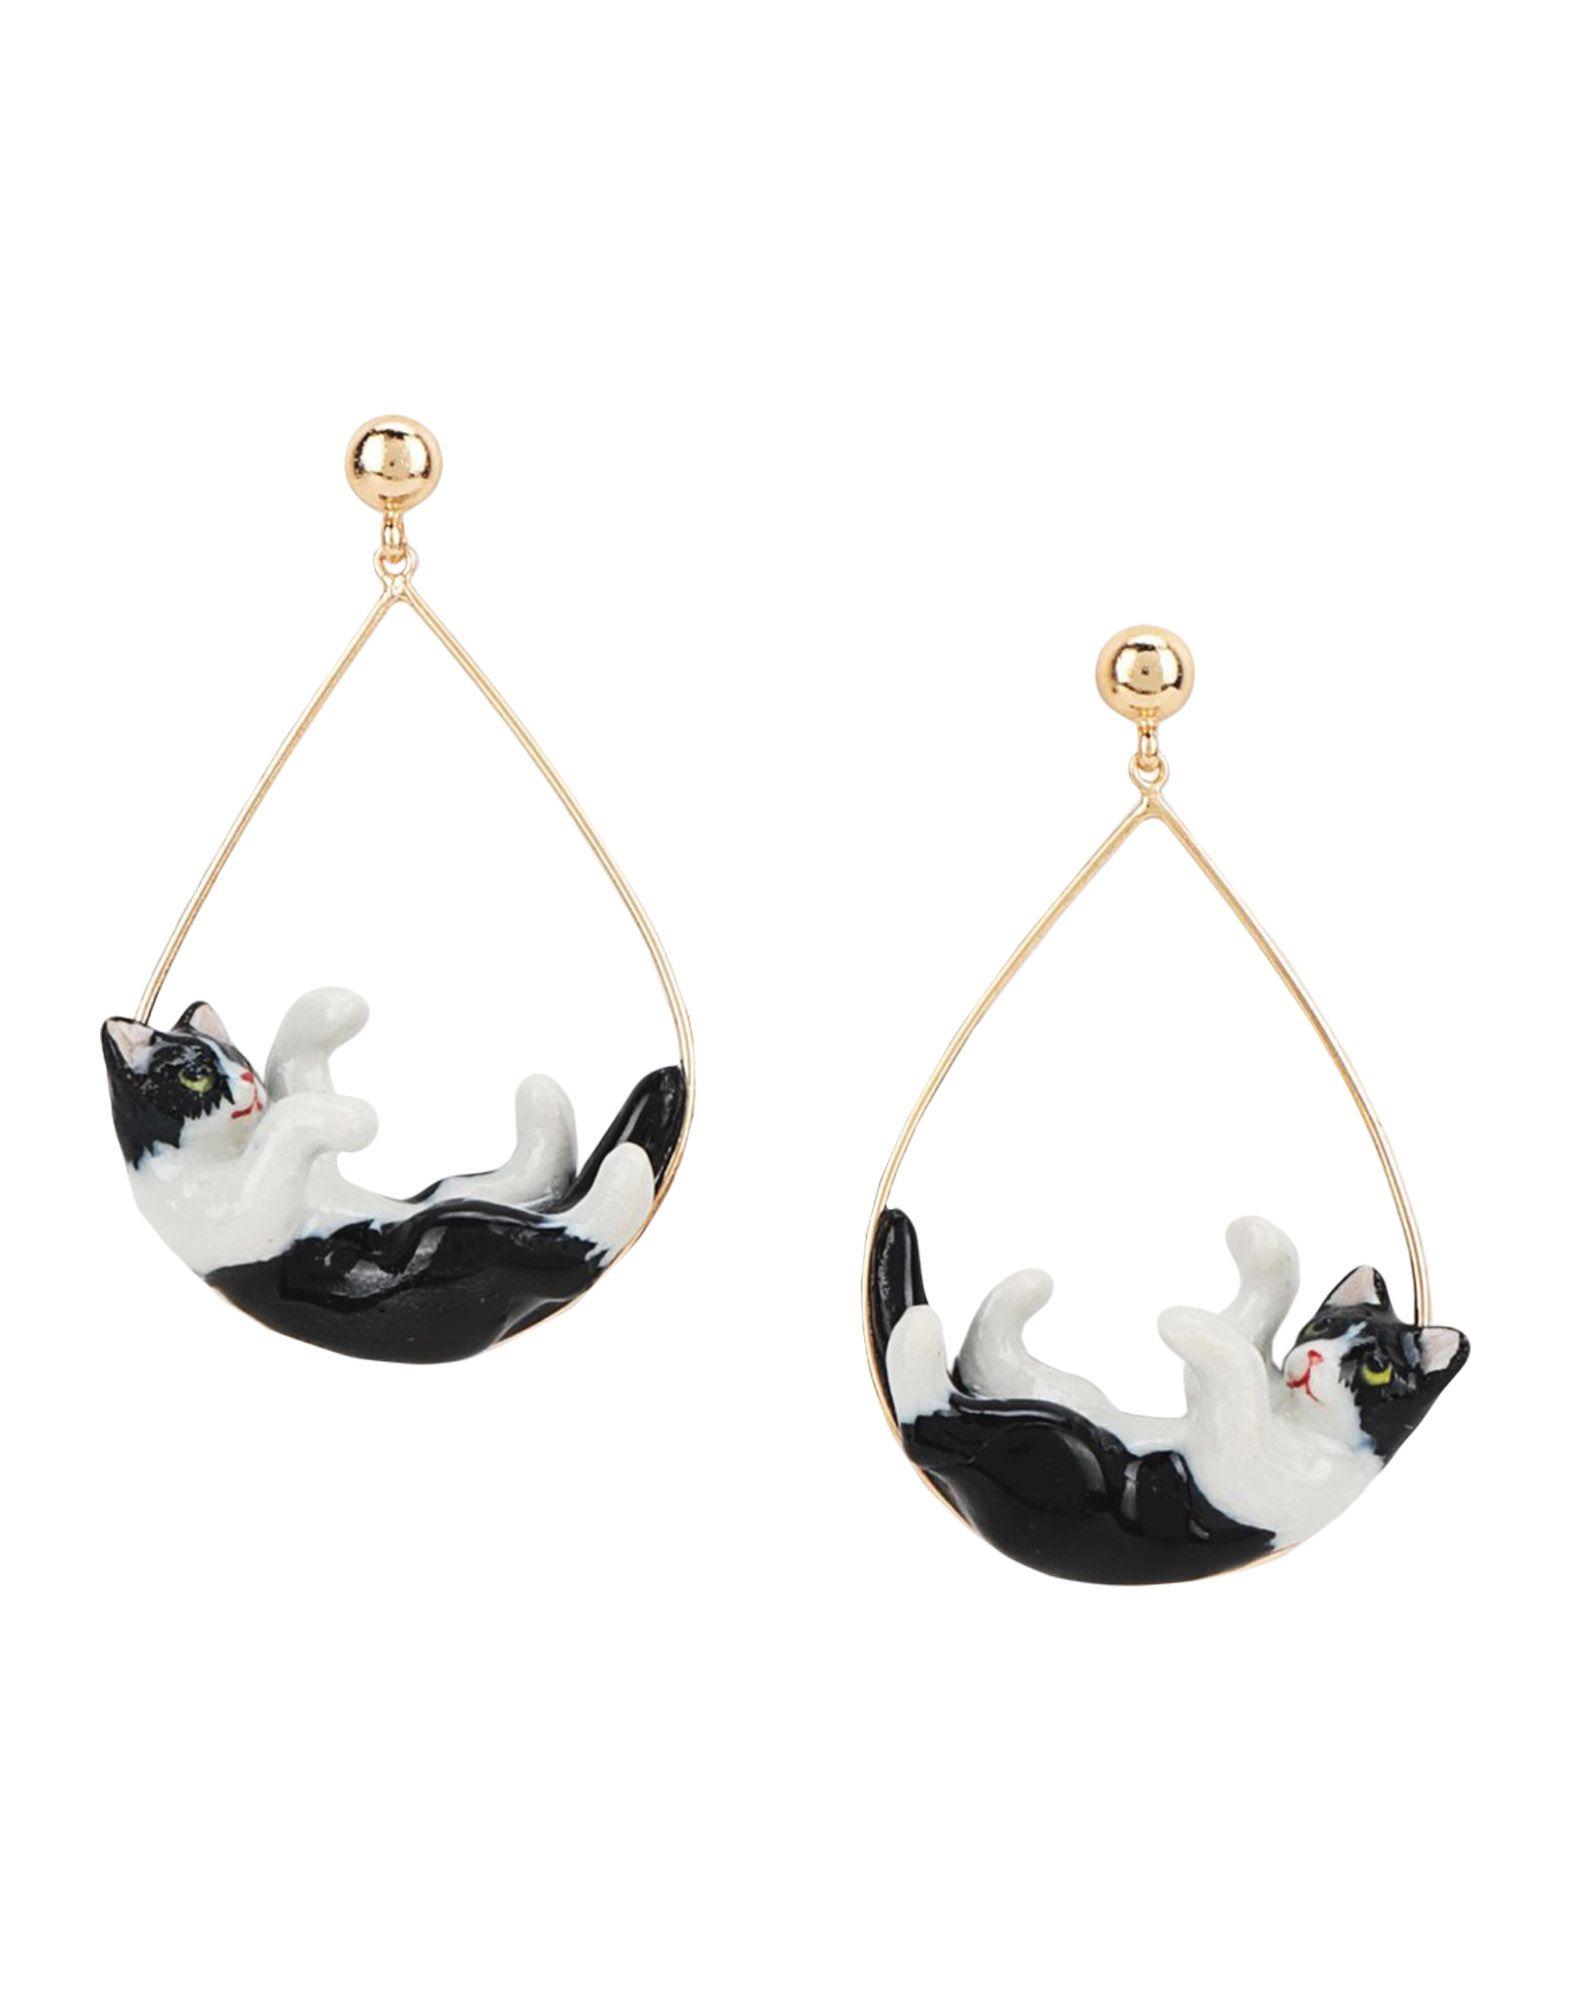 《セール開催中》NACH レディース イヤリング ブラック セラミック 80% / 真鍮/ブラス 20% Black & White Playing Cat hoop earrings